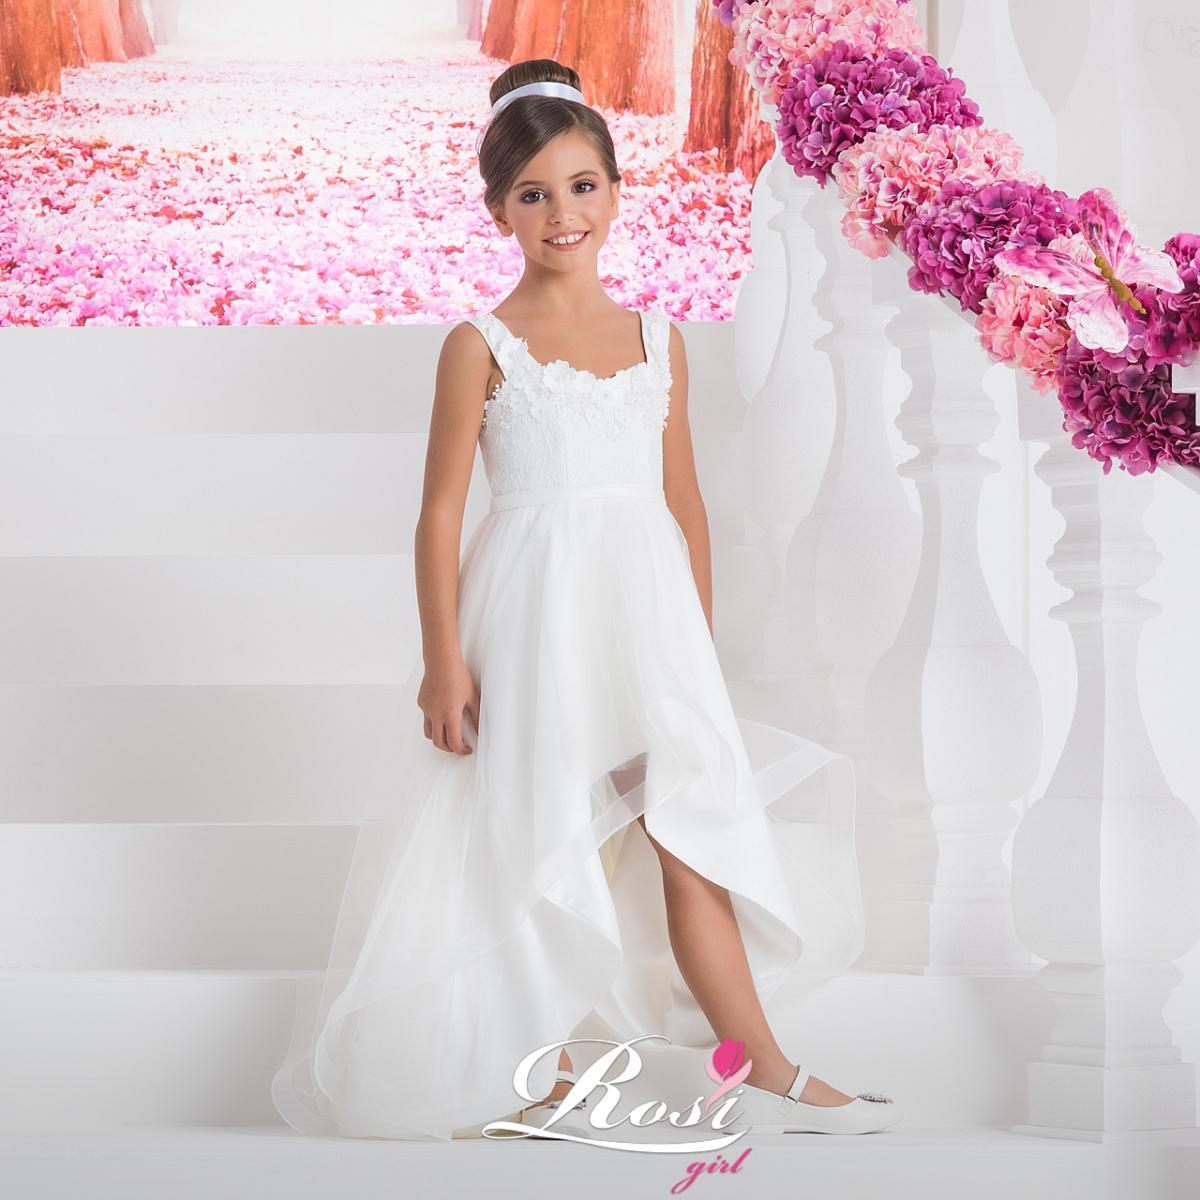 celli-spose-collezione-bambini-2019-rosi-girl-E-25